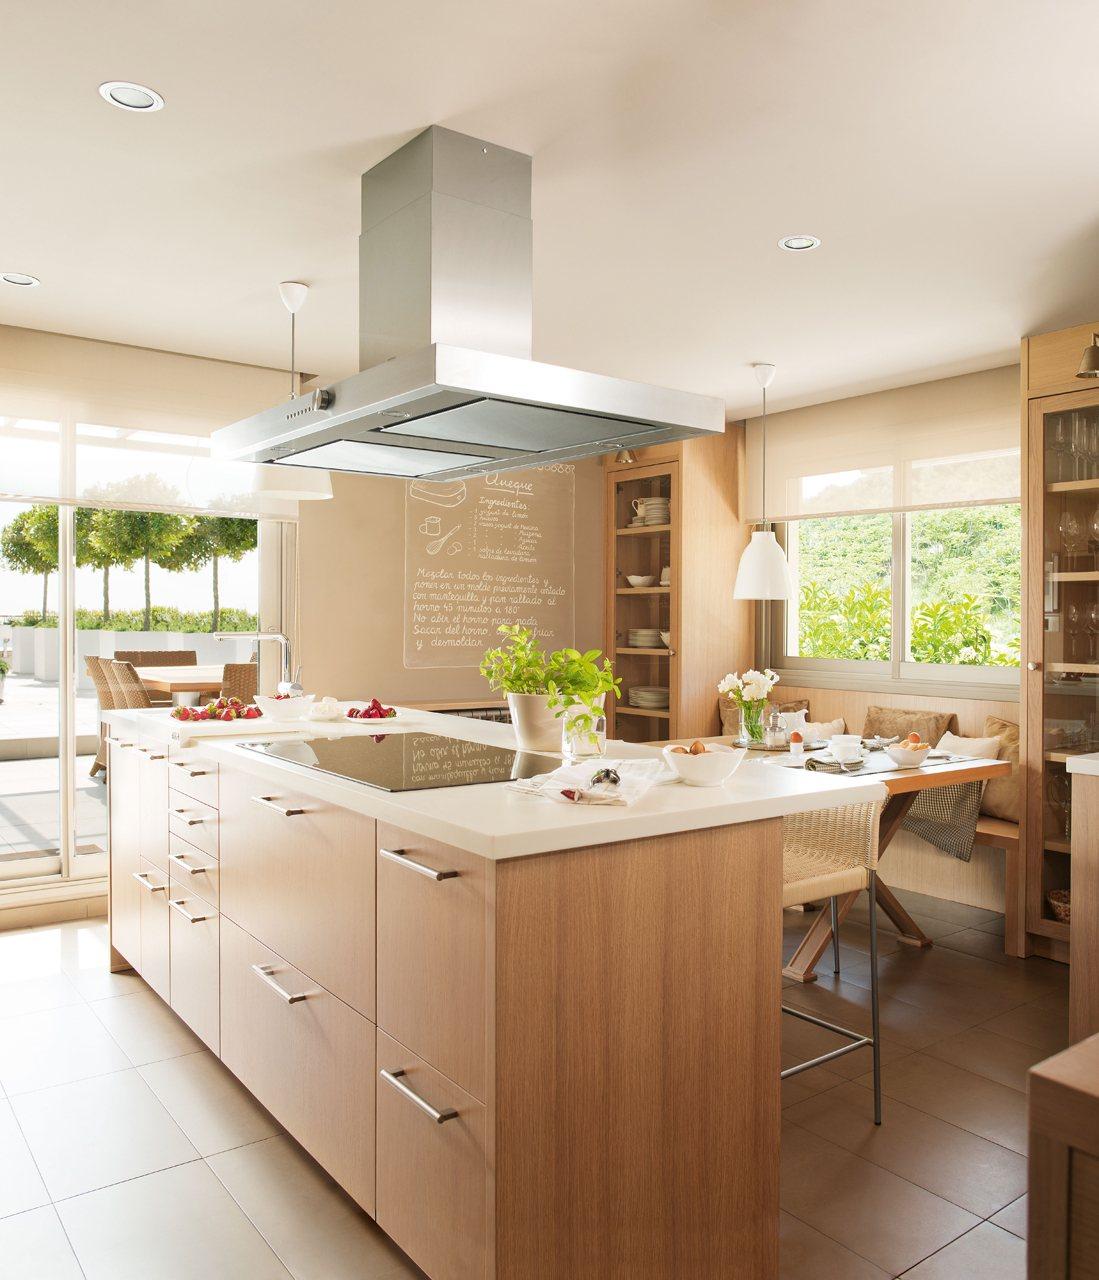 Una cocina c lida y pr ctica para cinco - Cocina encimera madera ...